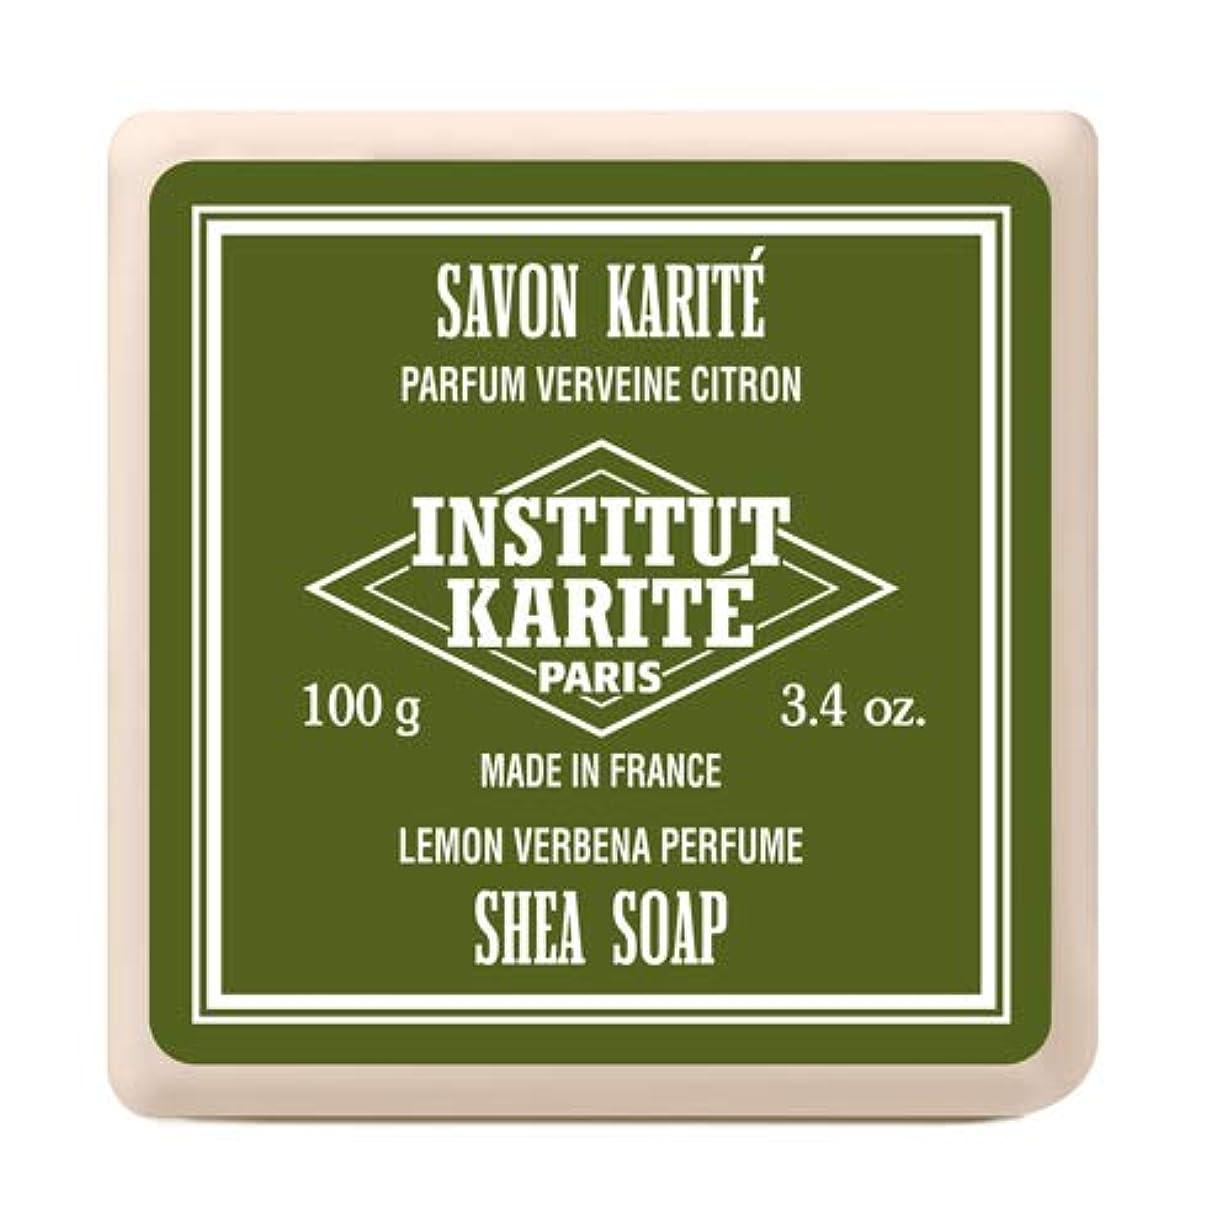 相続人アノイ重荷INSTITUT KARITE インスティテュート カリテ Shea Wrapped Soap シアソープ 100g Lemon Vervena レモンバーベナ